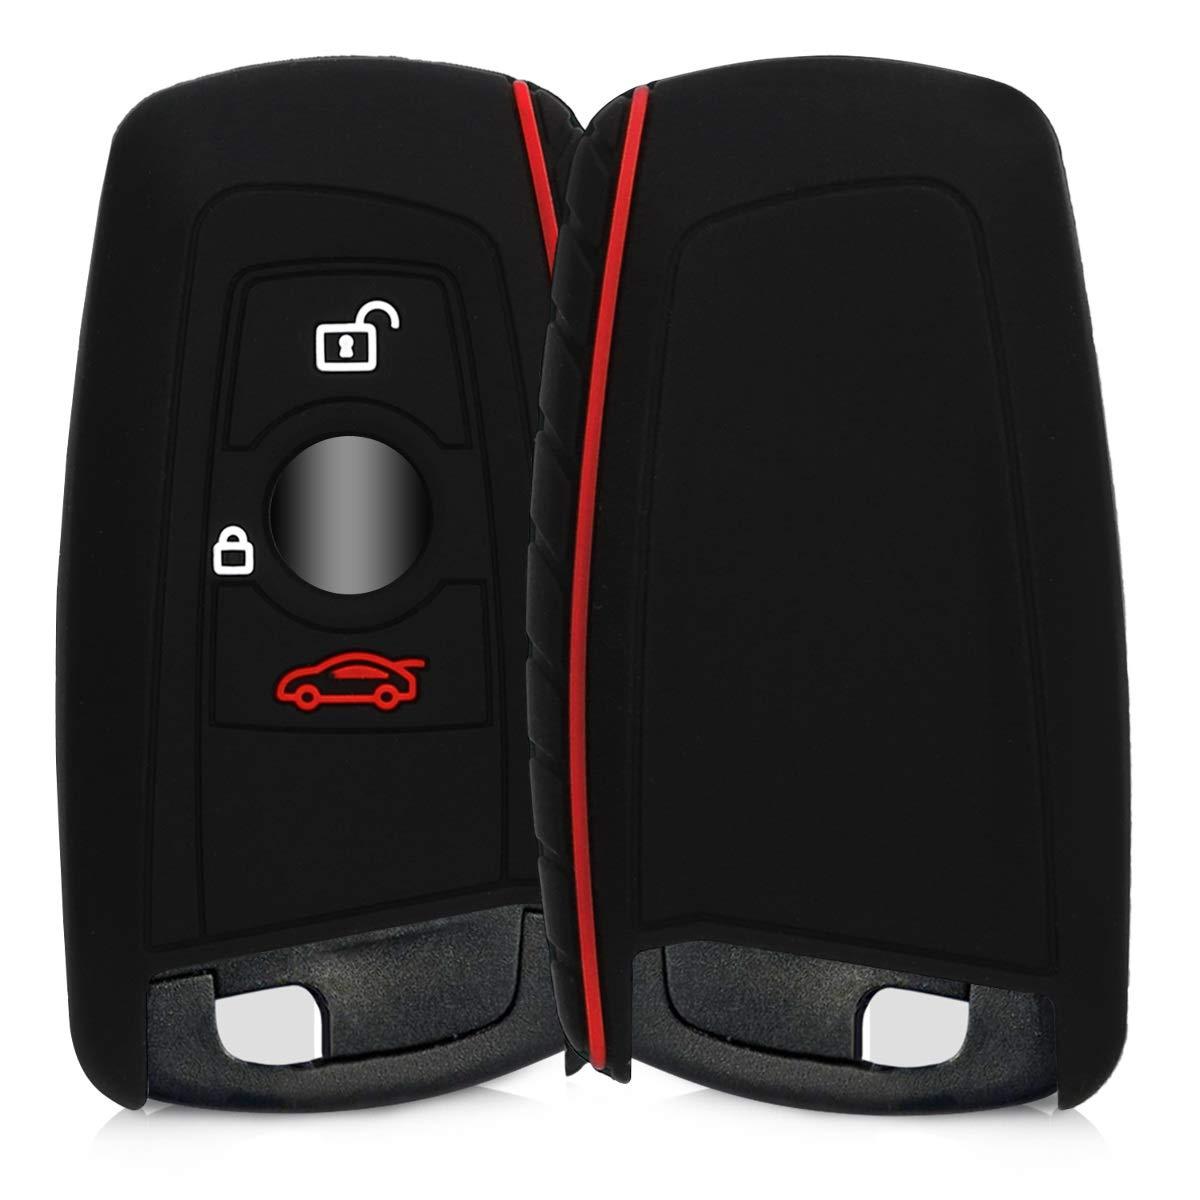 Keyless Go Uniquement BMW 3-Bouton en Silicone Blanc-Noir-Rouge kwmobile Accessoire cl/é de Voiture pour BMW /Étui de Protection Souple Coque pour Clef de Voiture /à Distance